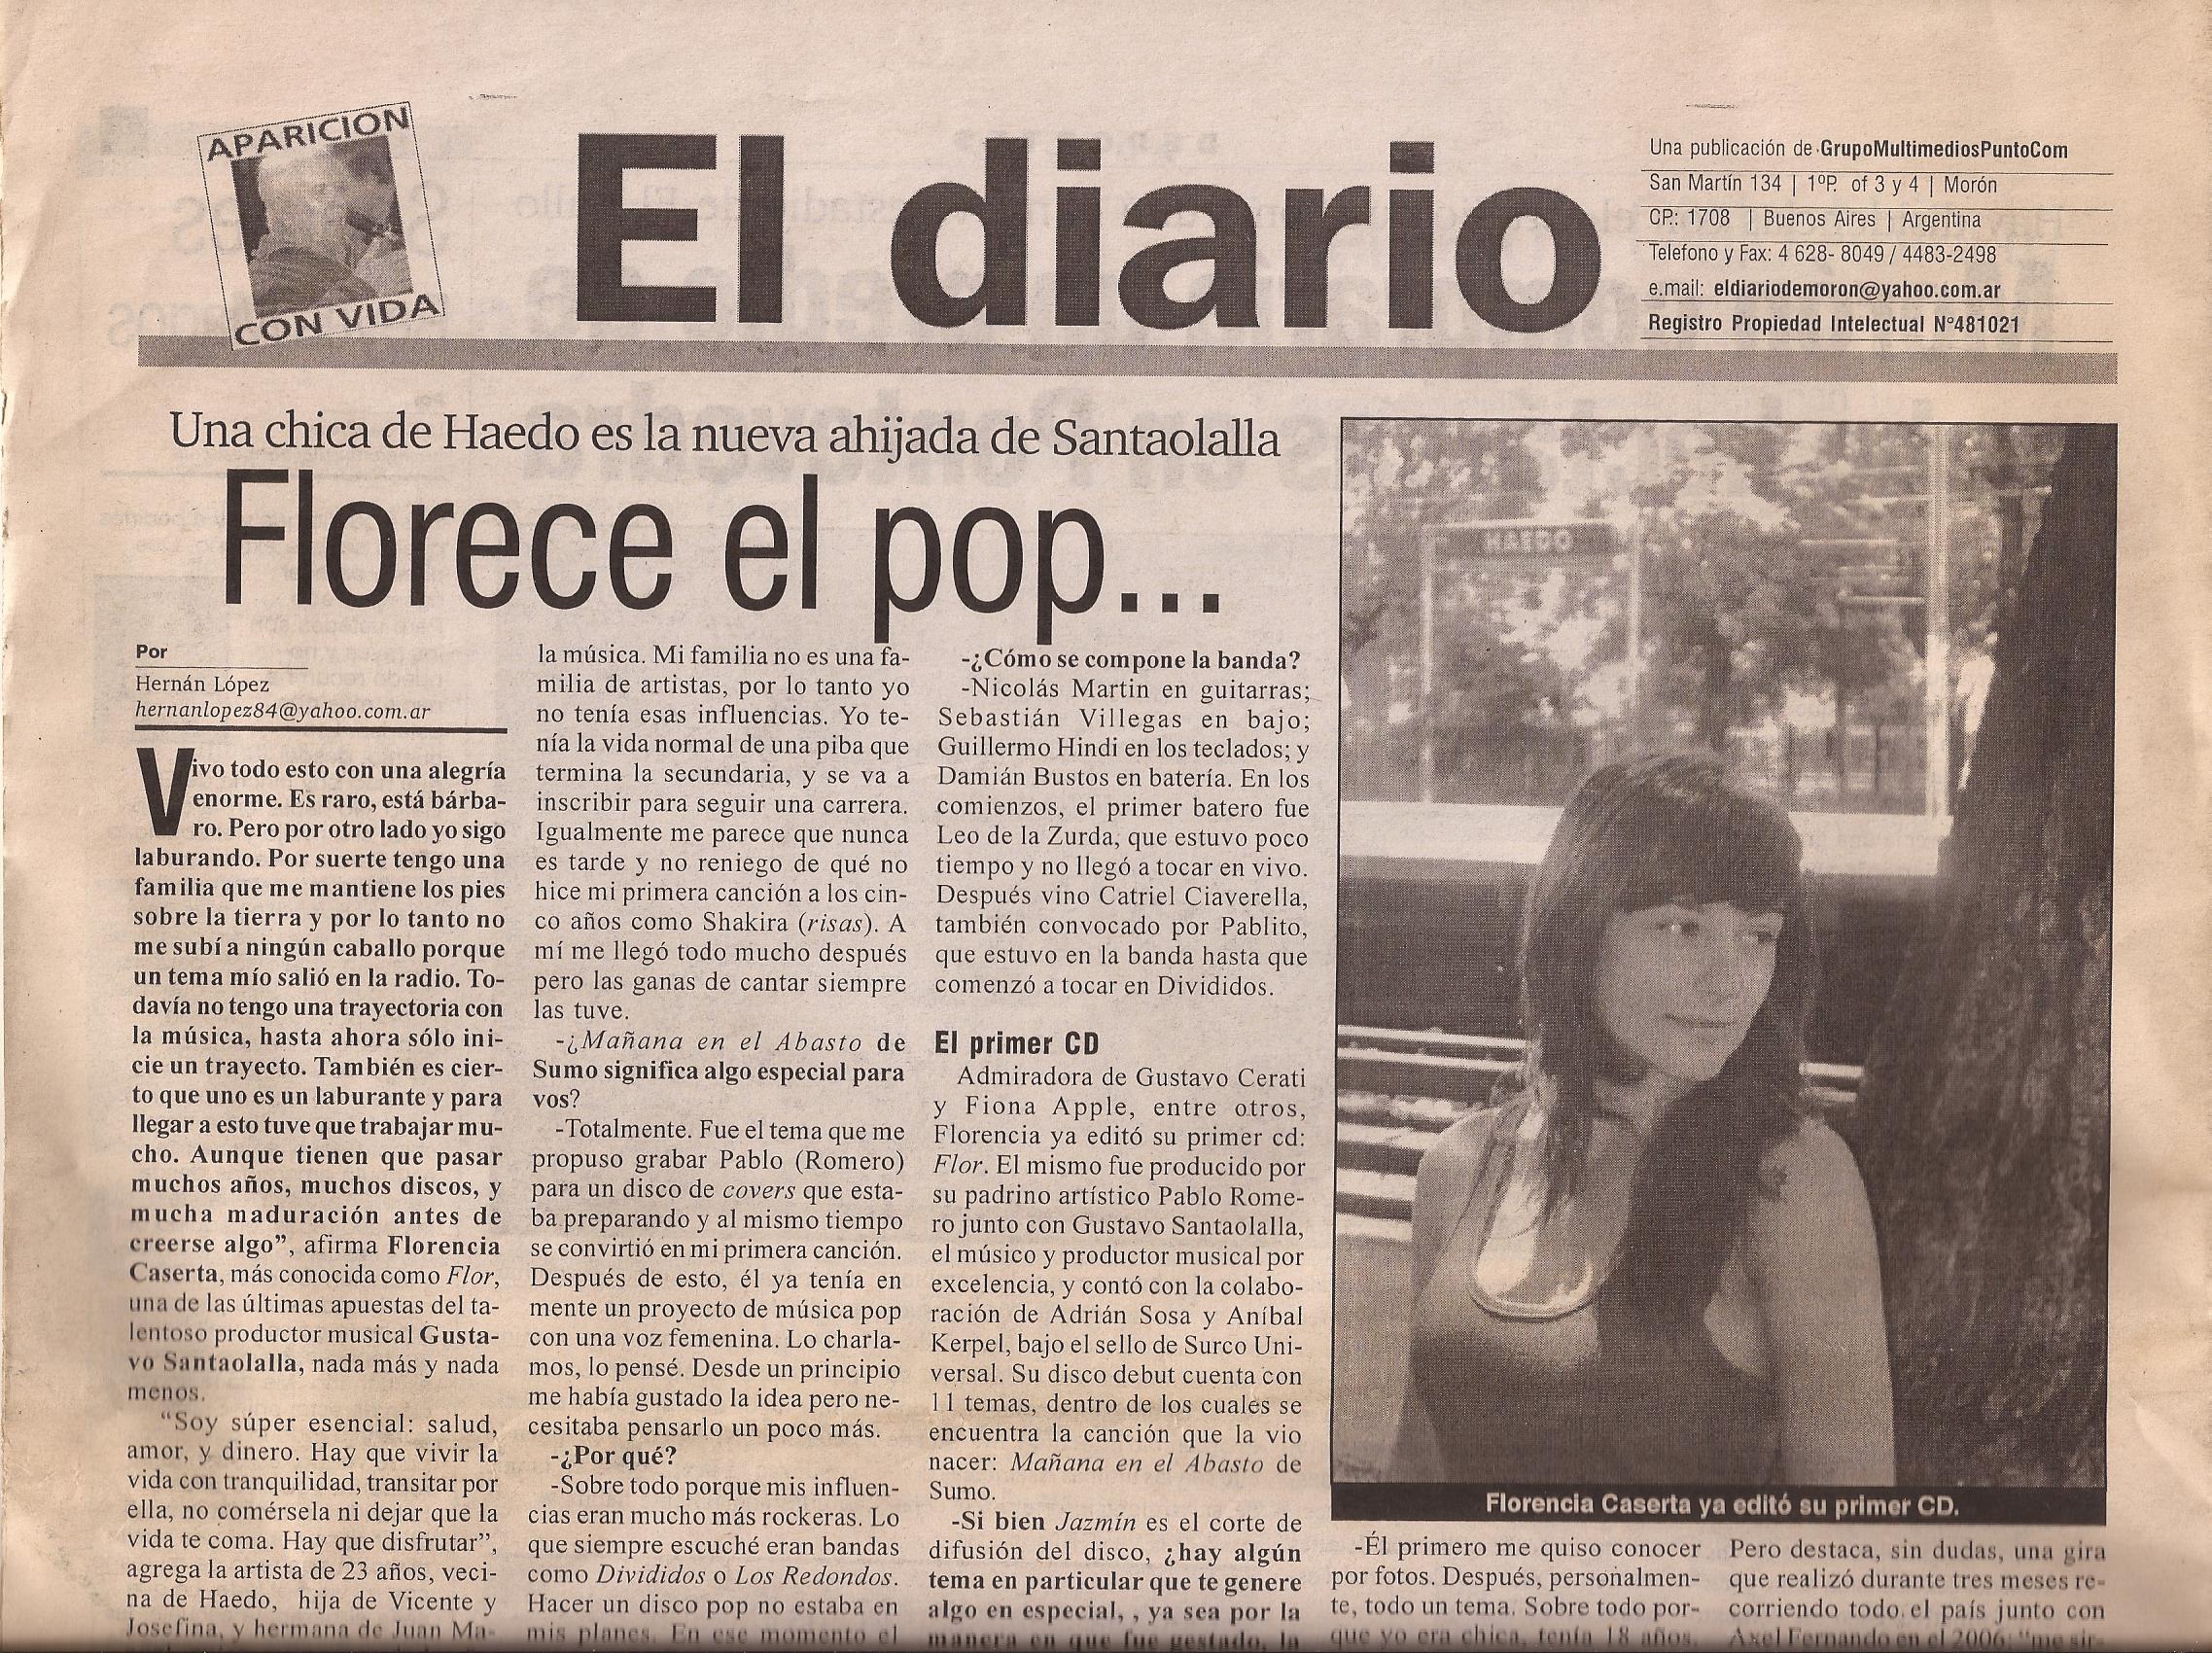 Entrevista. Diario Moron